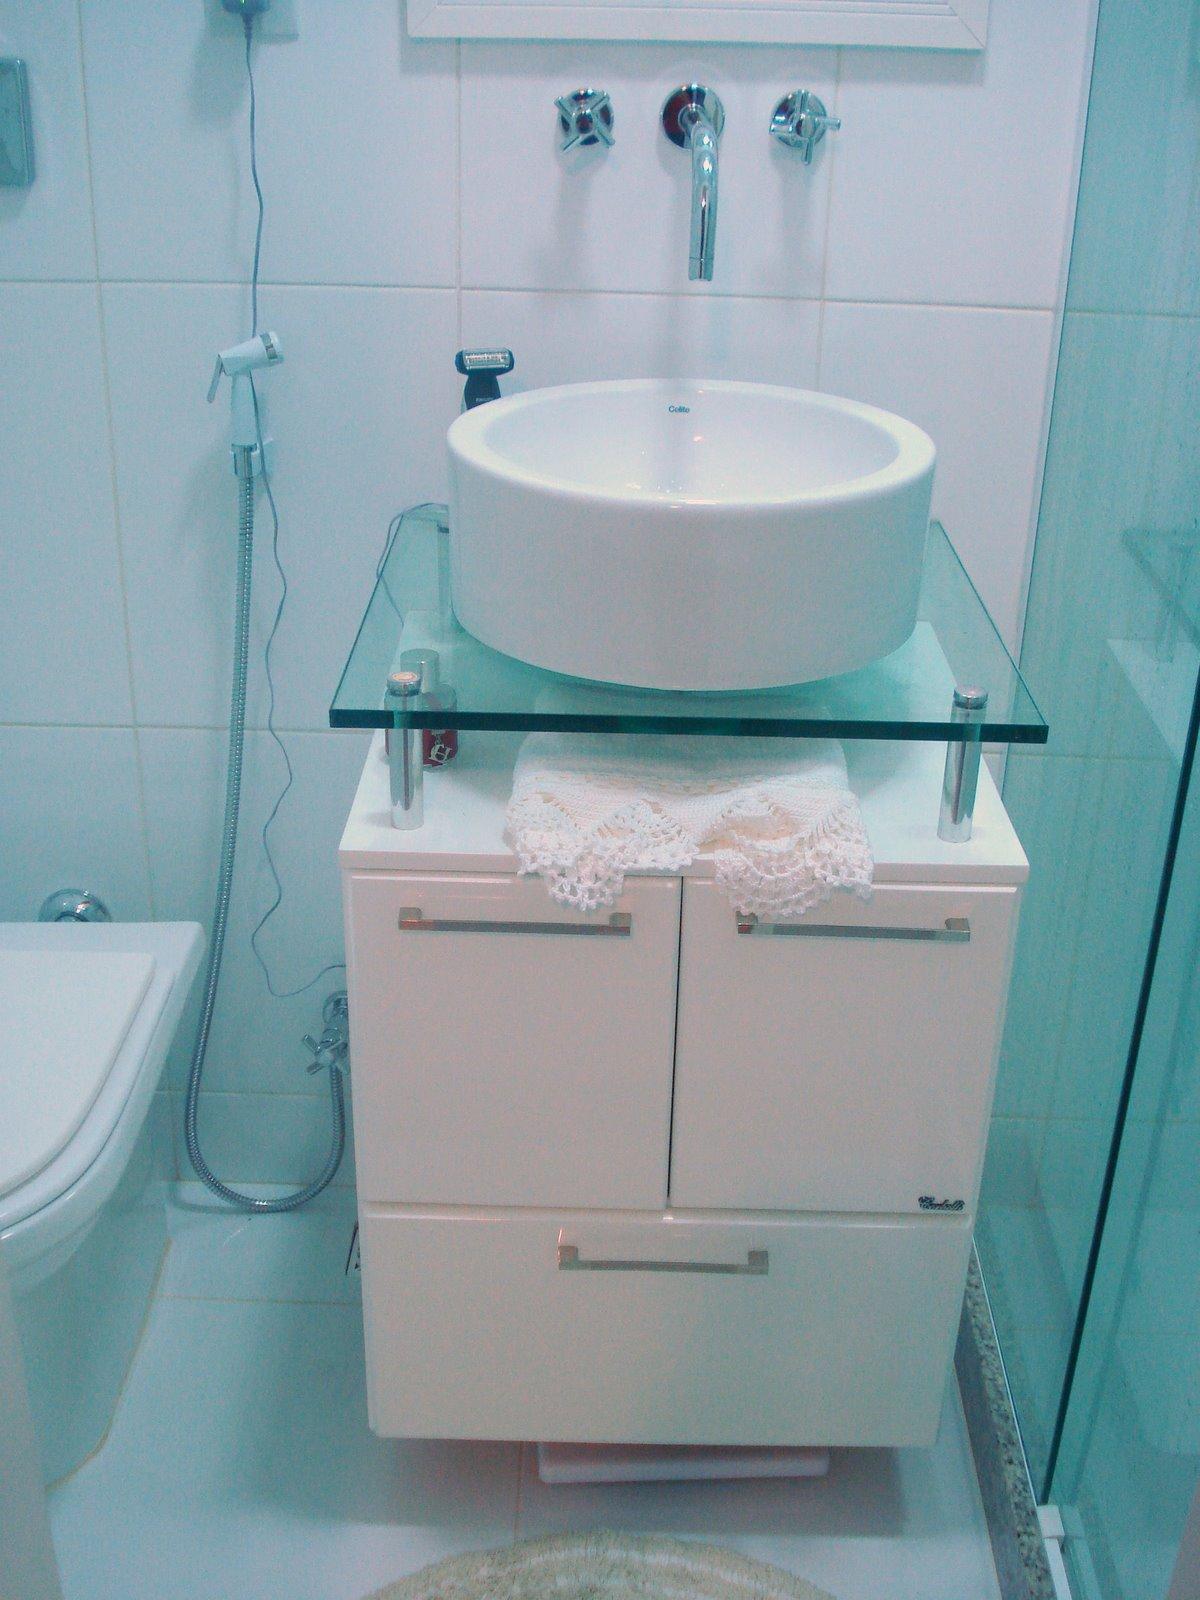 Imagens de #1B3741 banheiro da suite com armario laqueado e box blindex 1200x1600 px 3558 Blindex Banheiro Belem